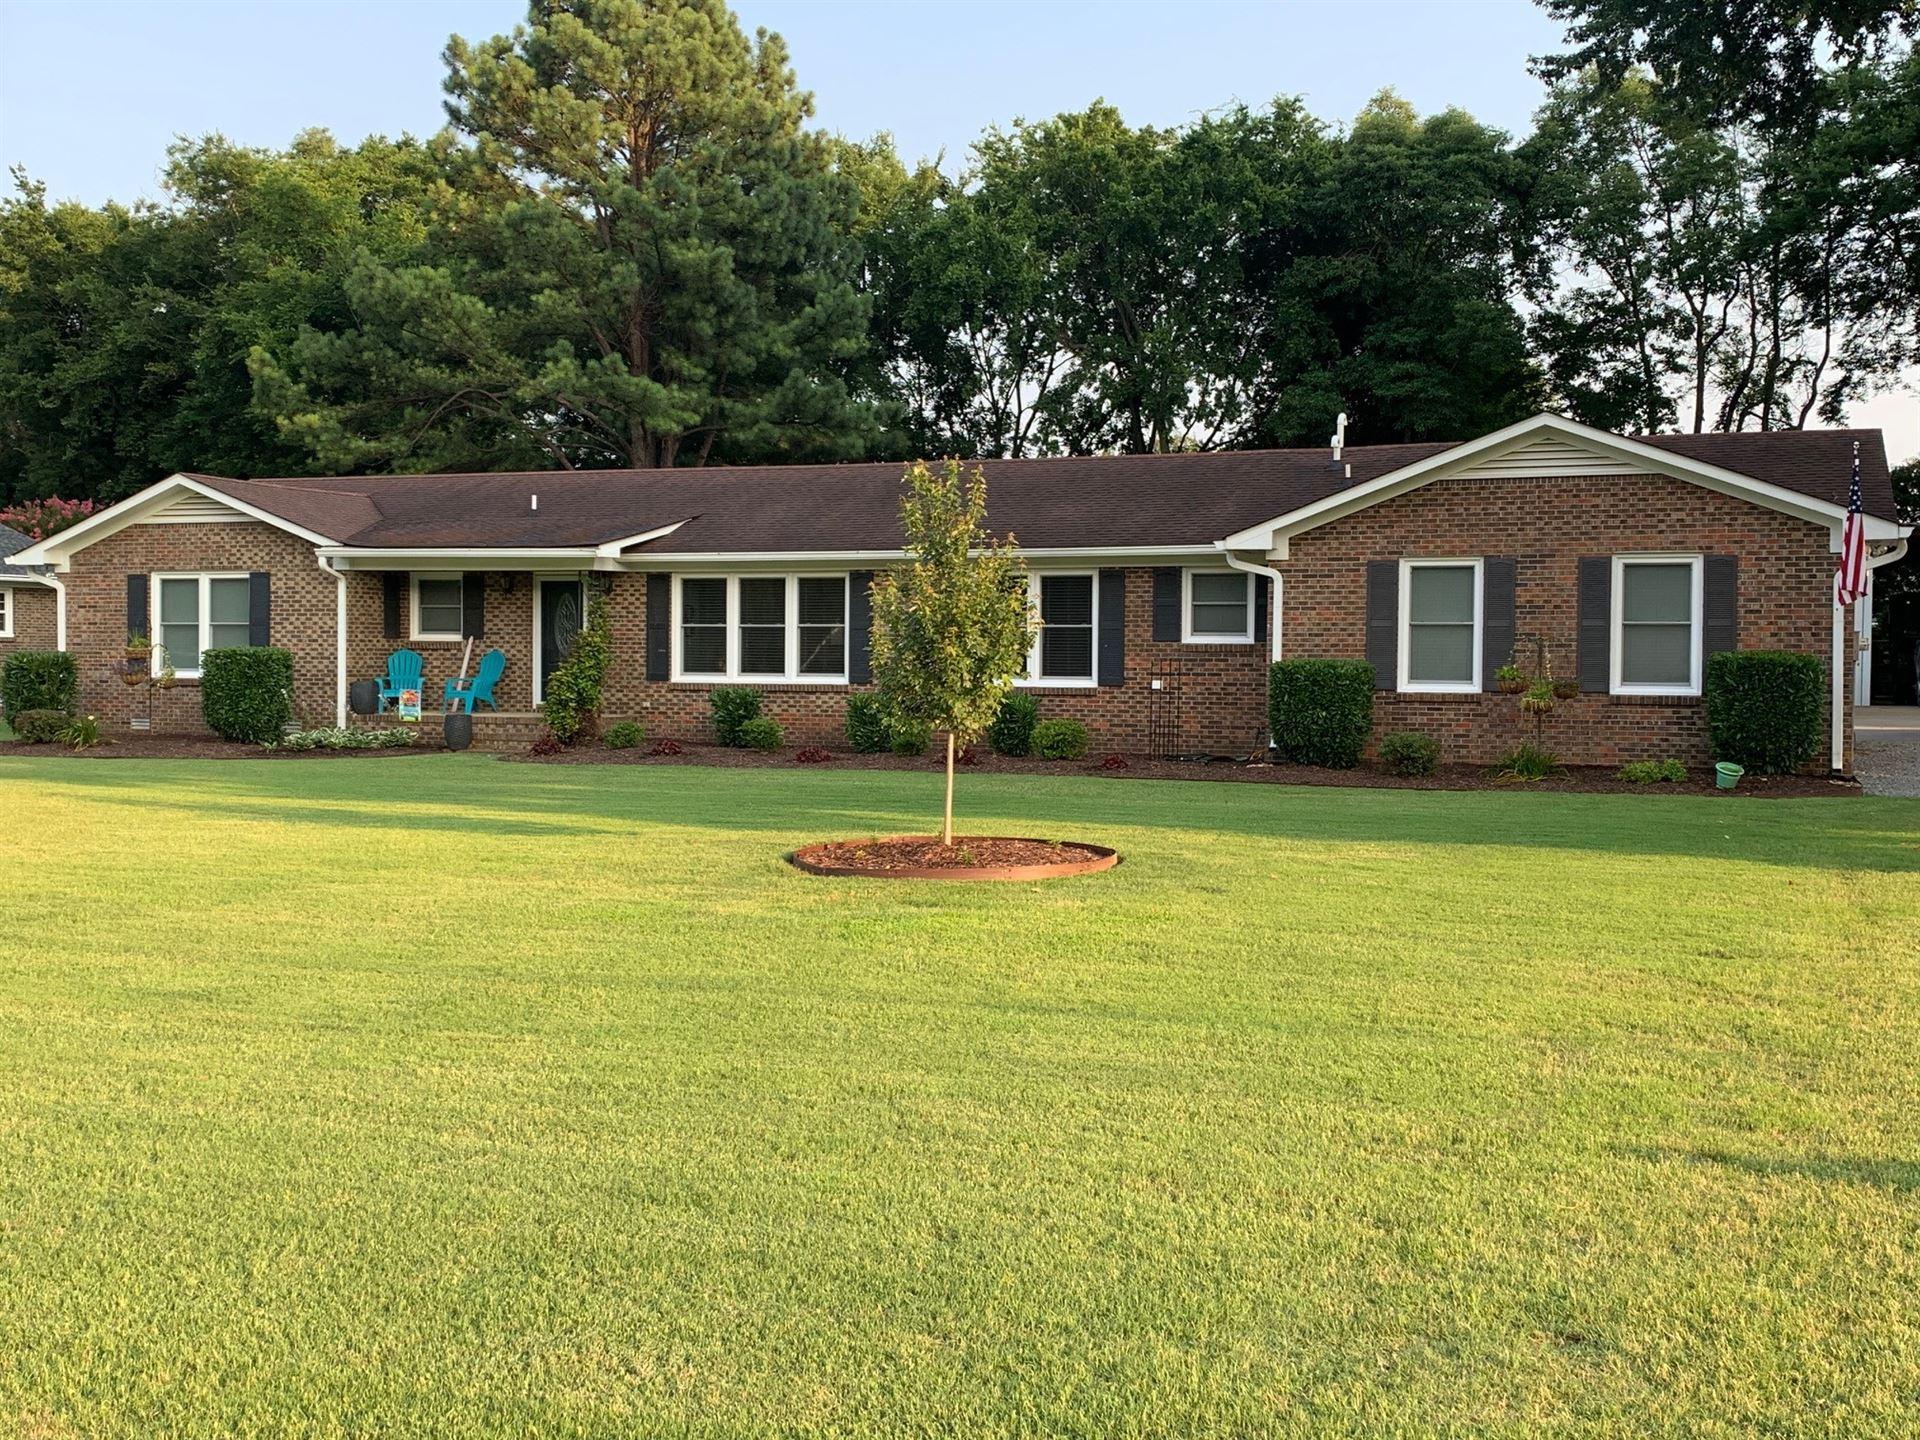 2353 Braxton Bragg Dr, Murfreesboro, TN 37129 - MLS#: 2273695